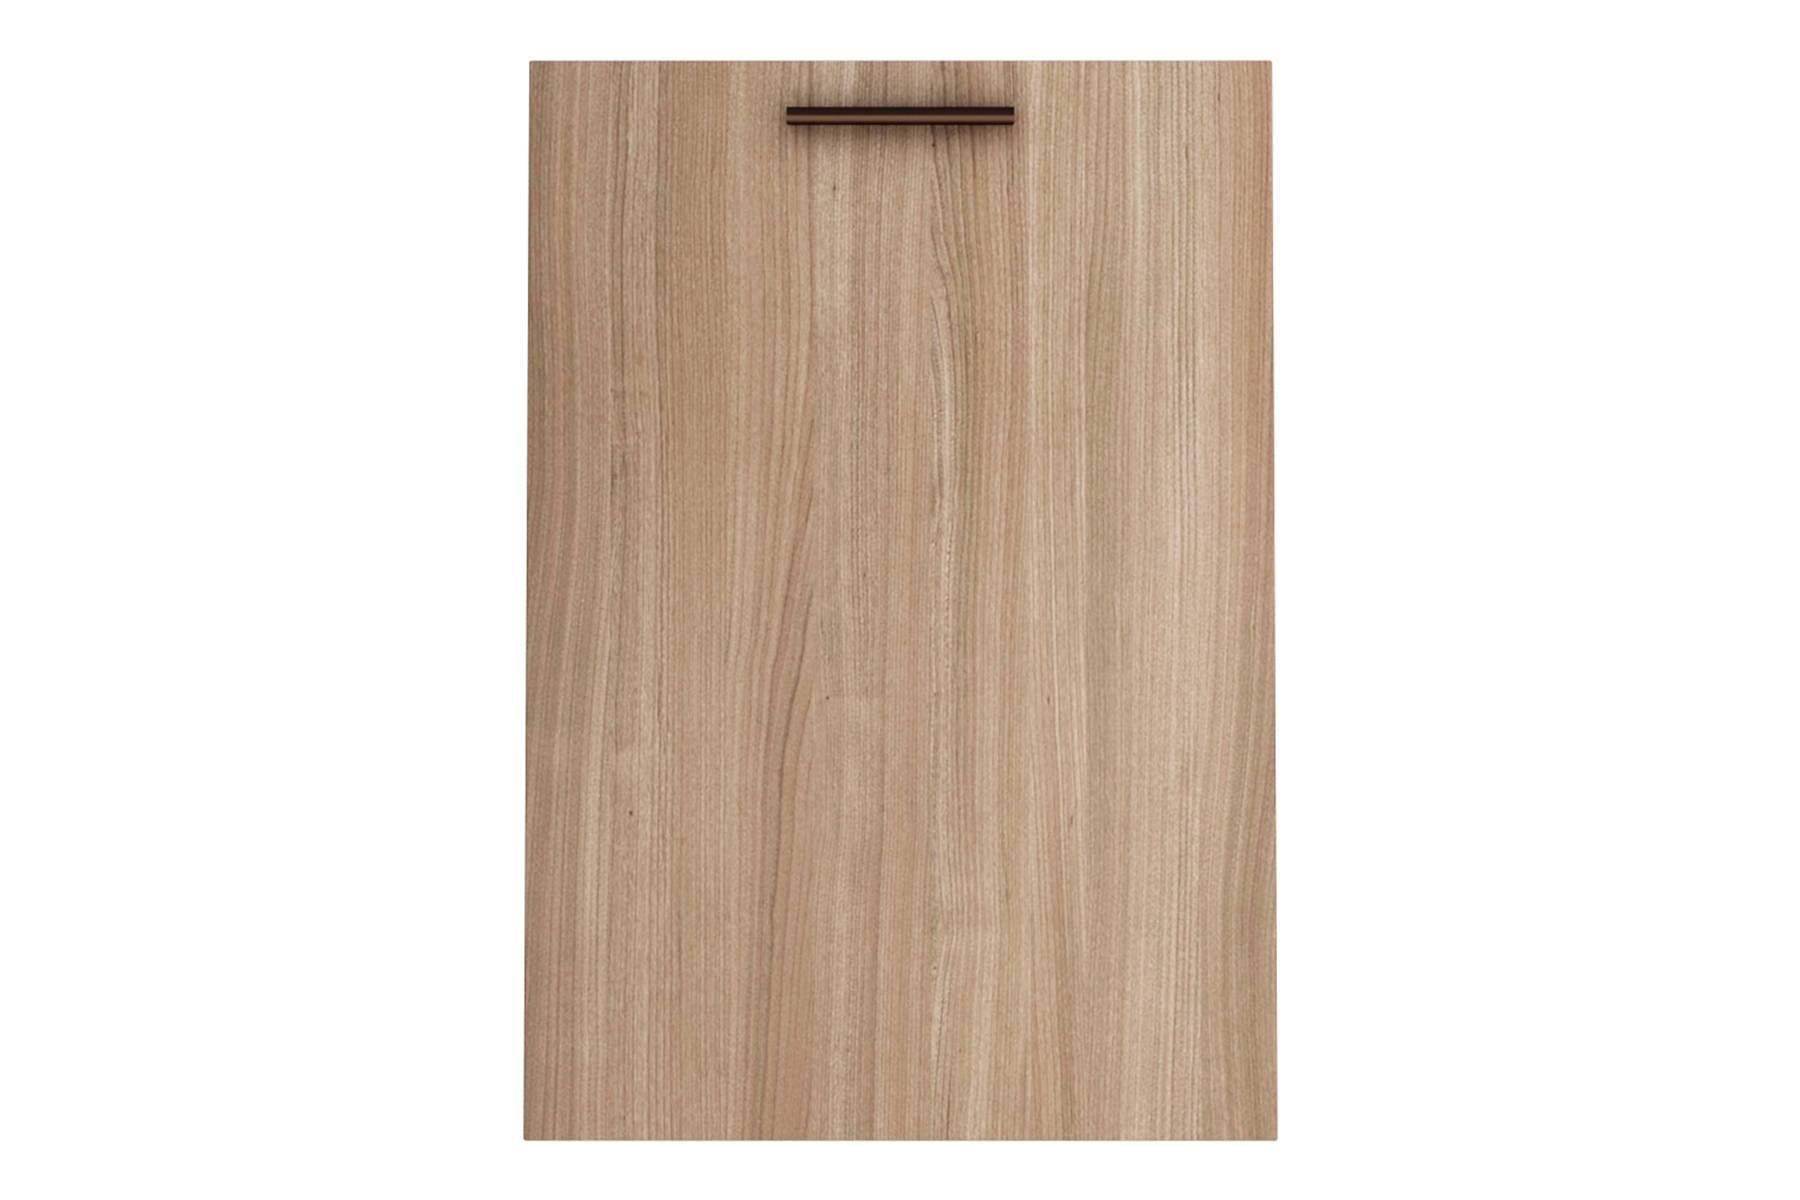 обеденный стол из массива дерева на заказ